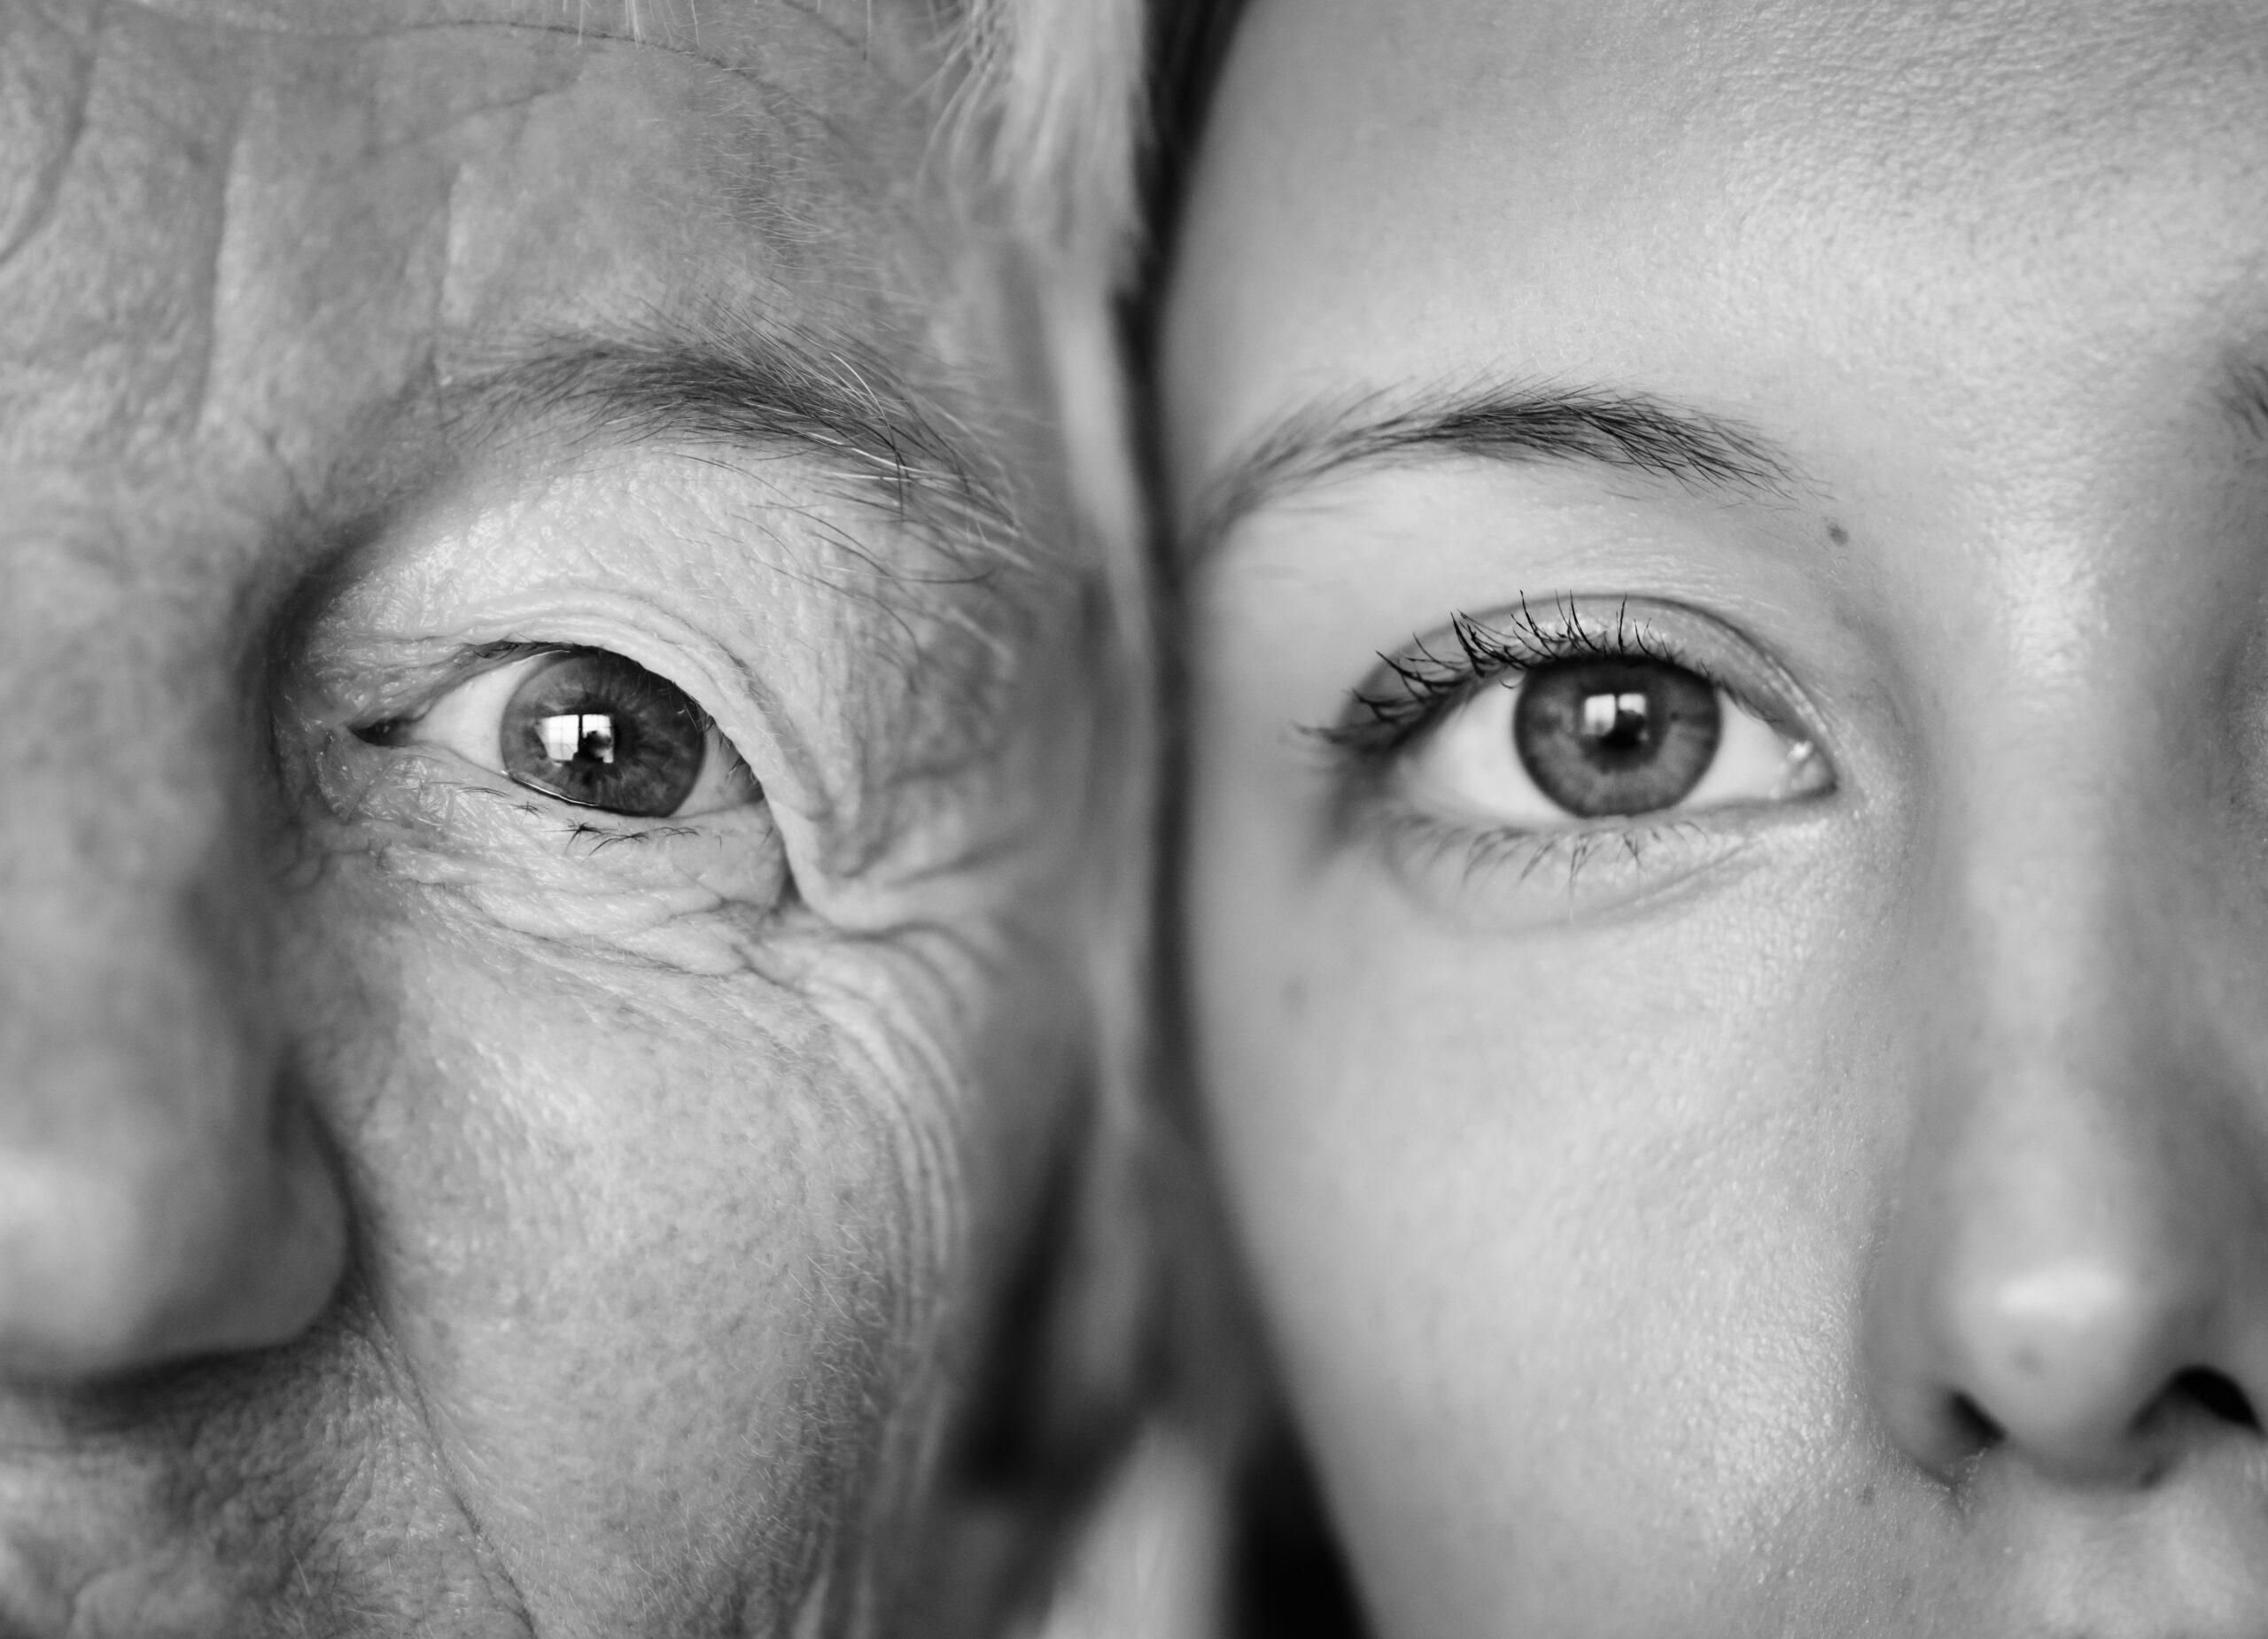 La vejez no es una enfermedad: Declaración del COMITÉ LATINOMERICANO y del CARIBE de la IAGG